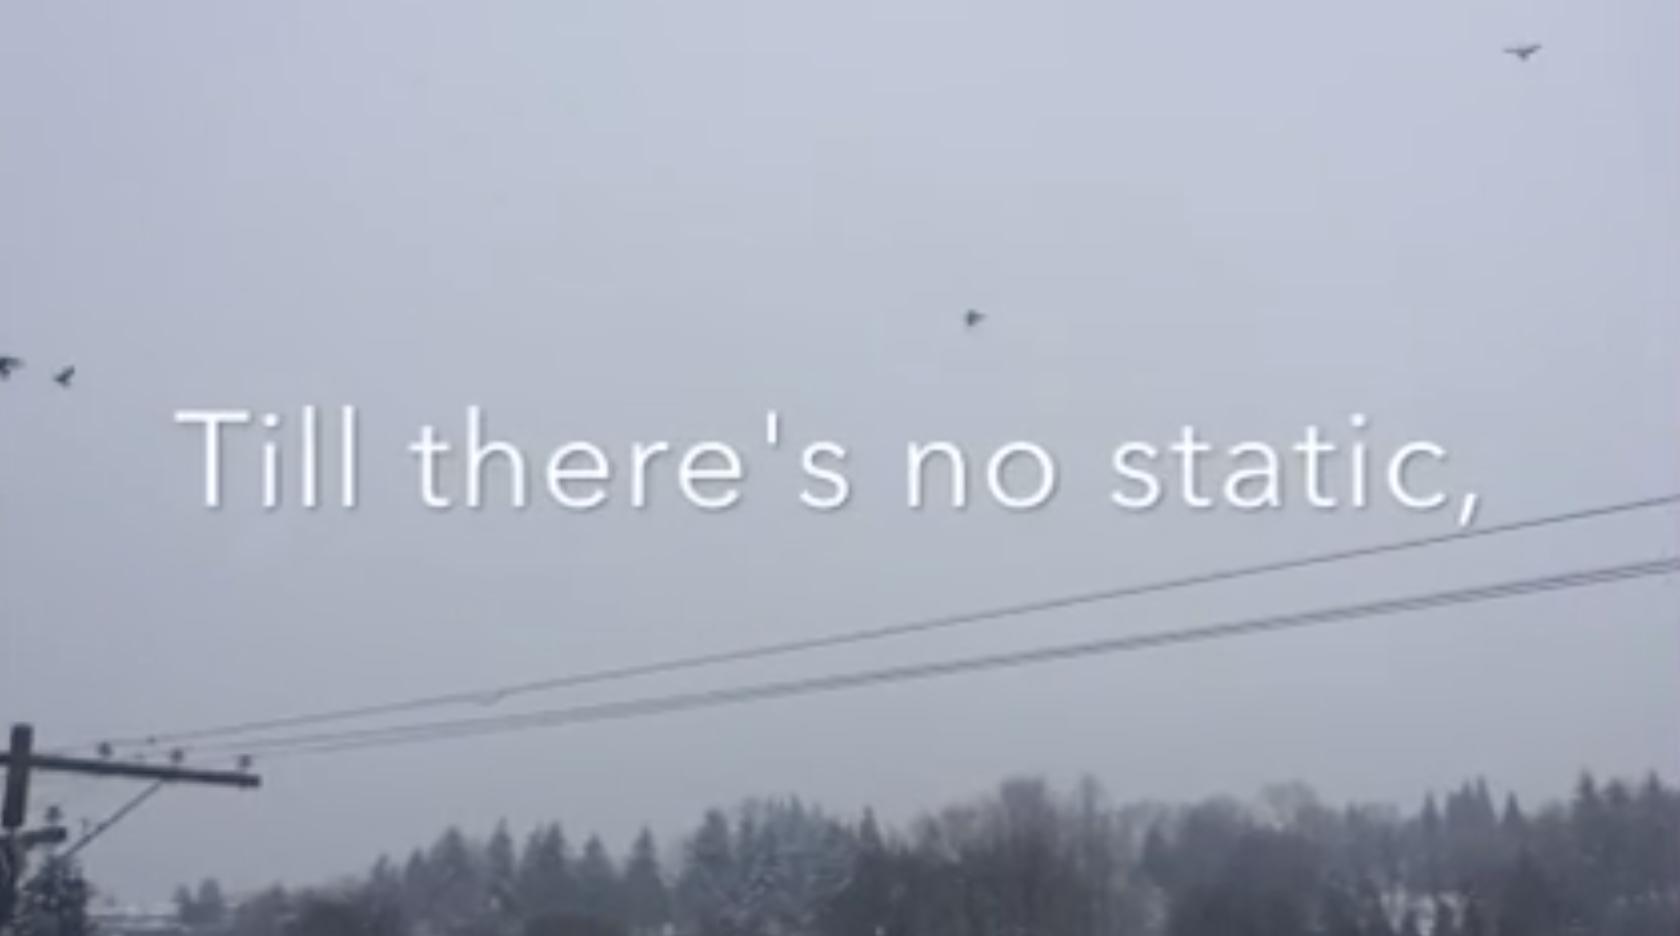 lyric-video-shot